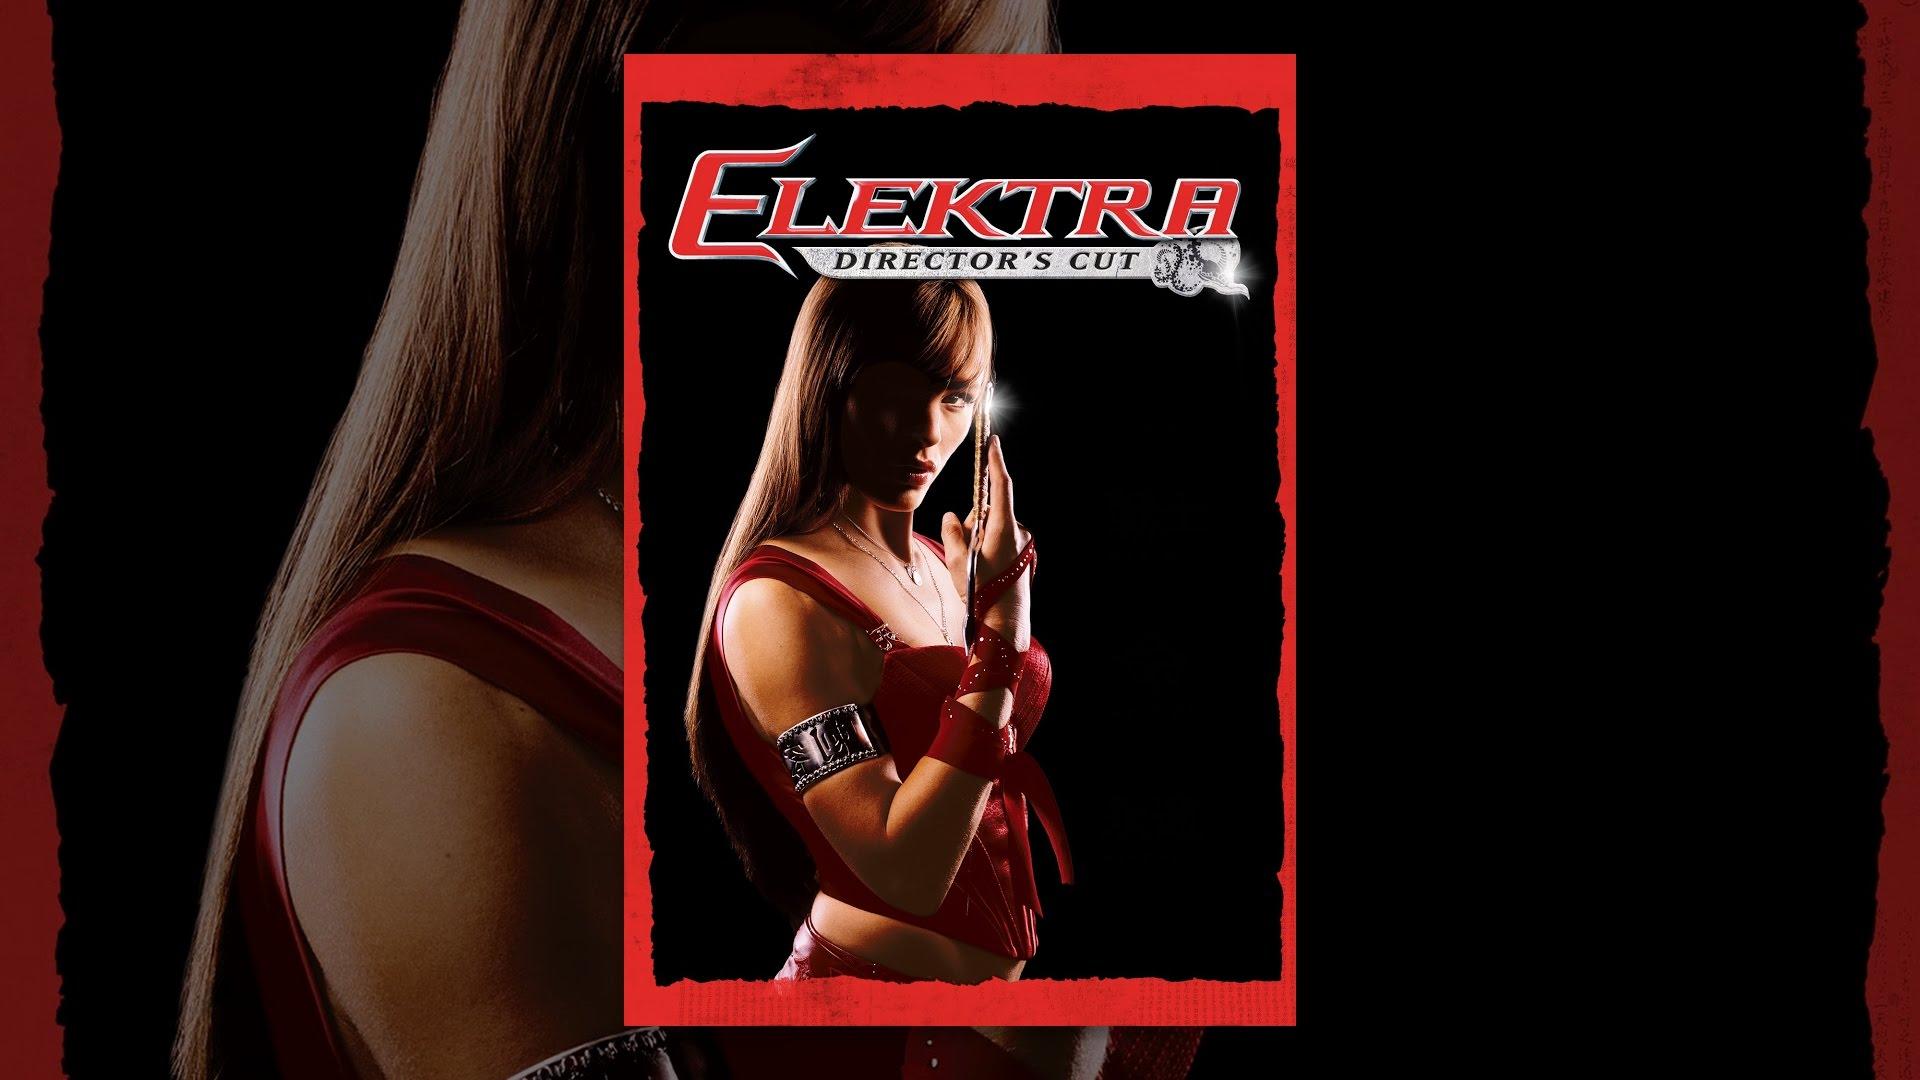 Download Elektra Director's Cut